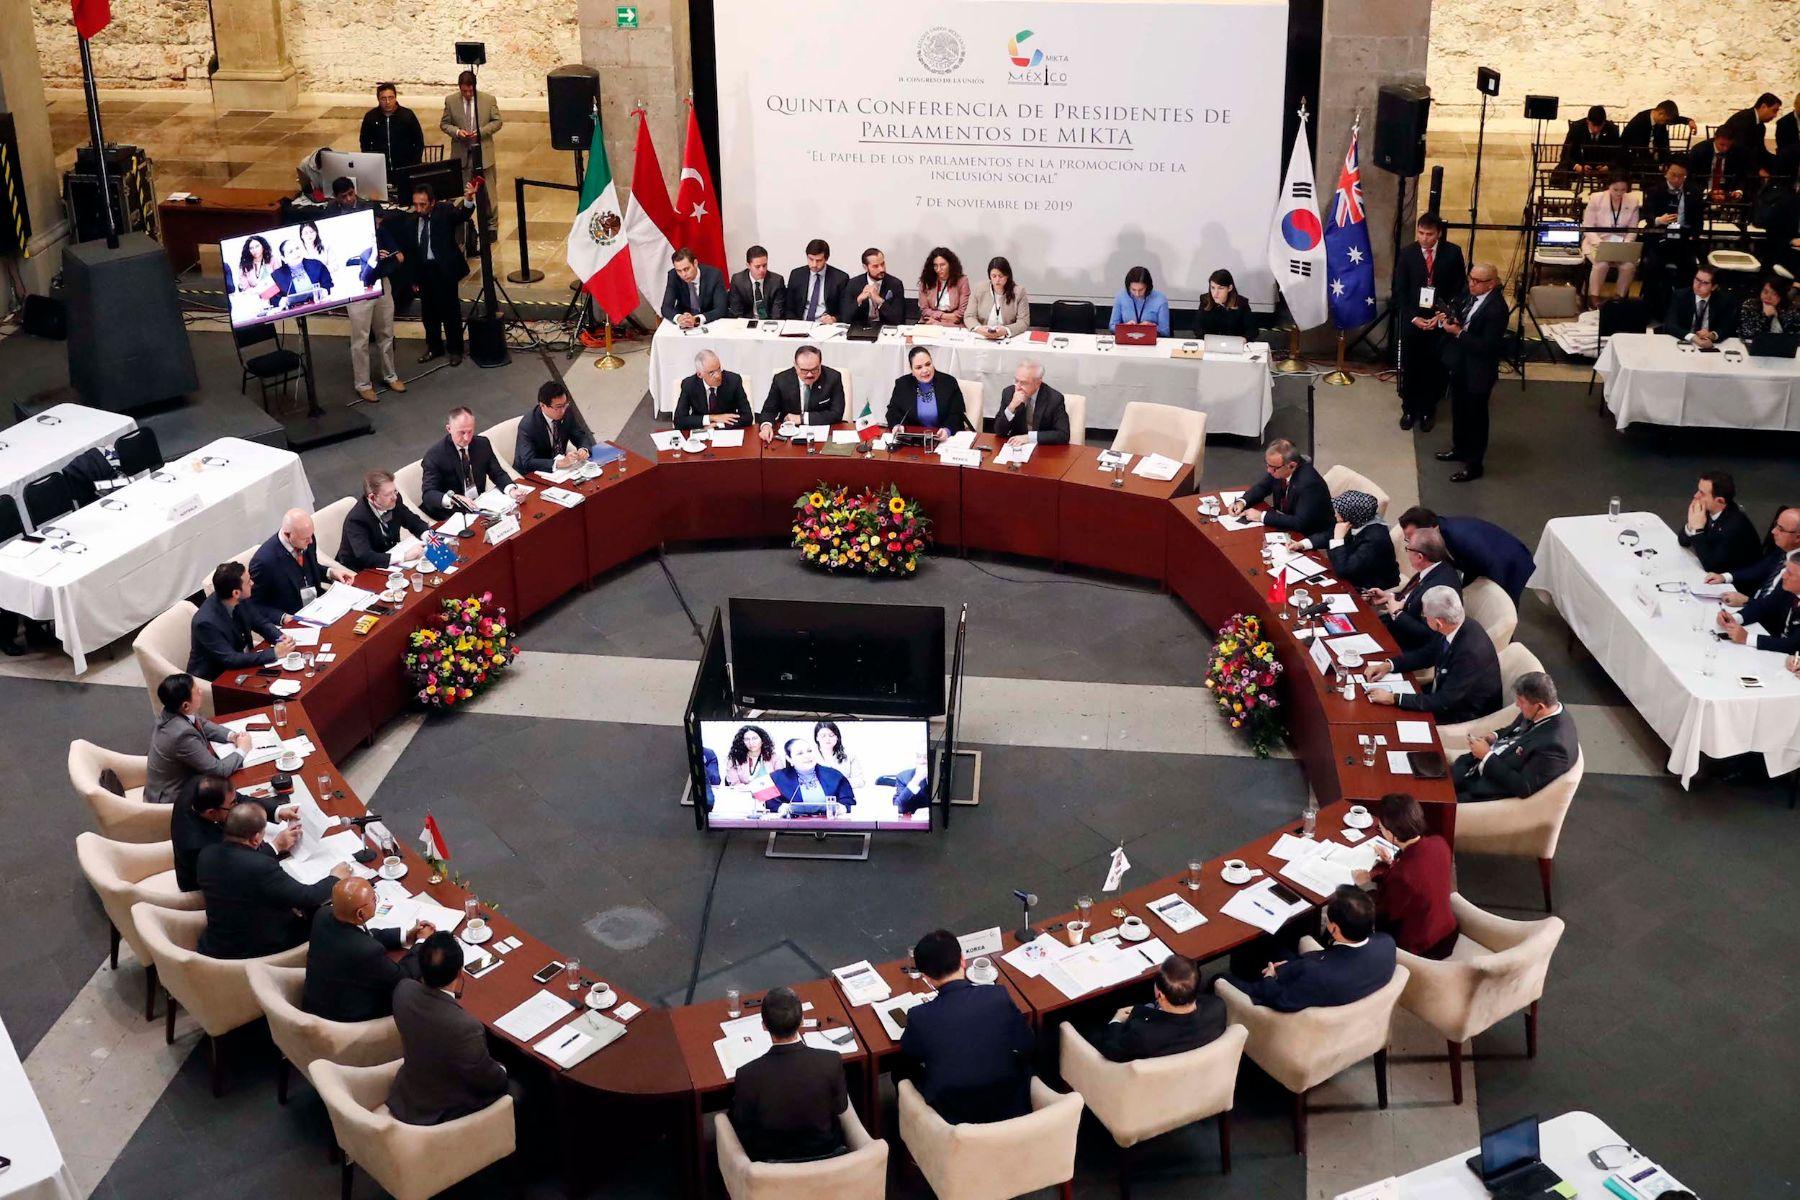 """Quinta Conferencia de Presidentes de Parlamentos de MIKTA: """"El papel de los parlamentos en la promoción de la inclusión social"""""""